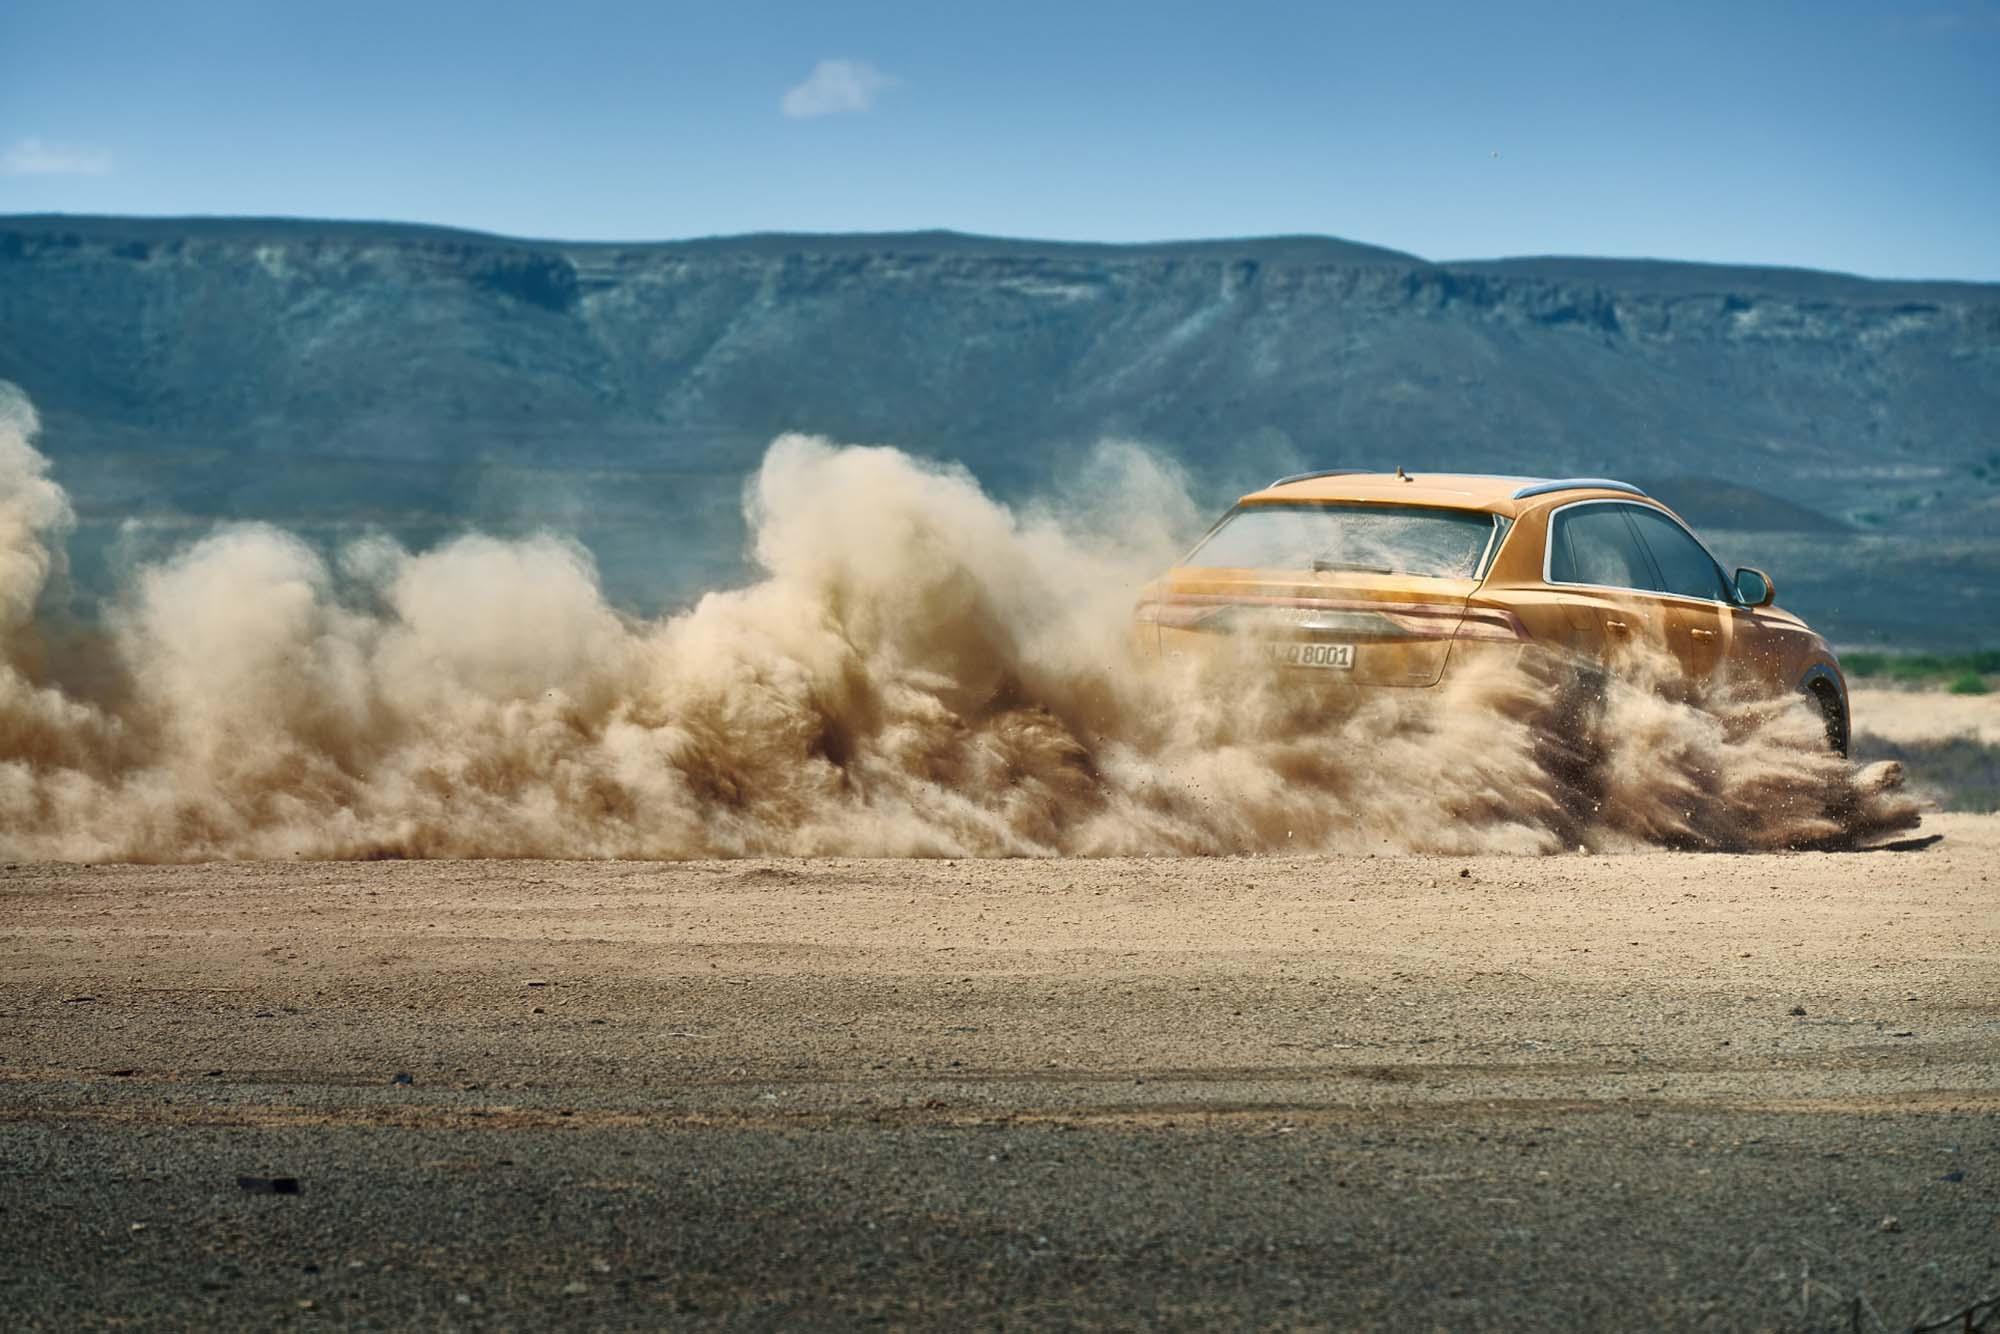 Audi Q8 by Jan van Endert